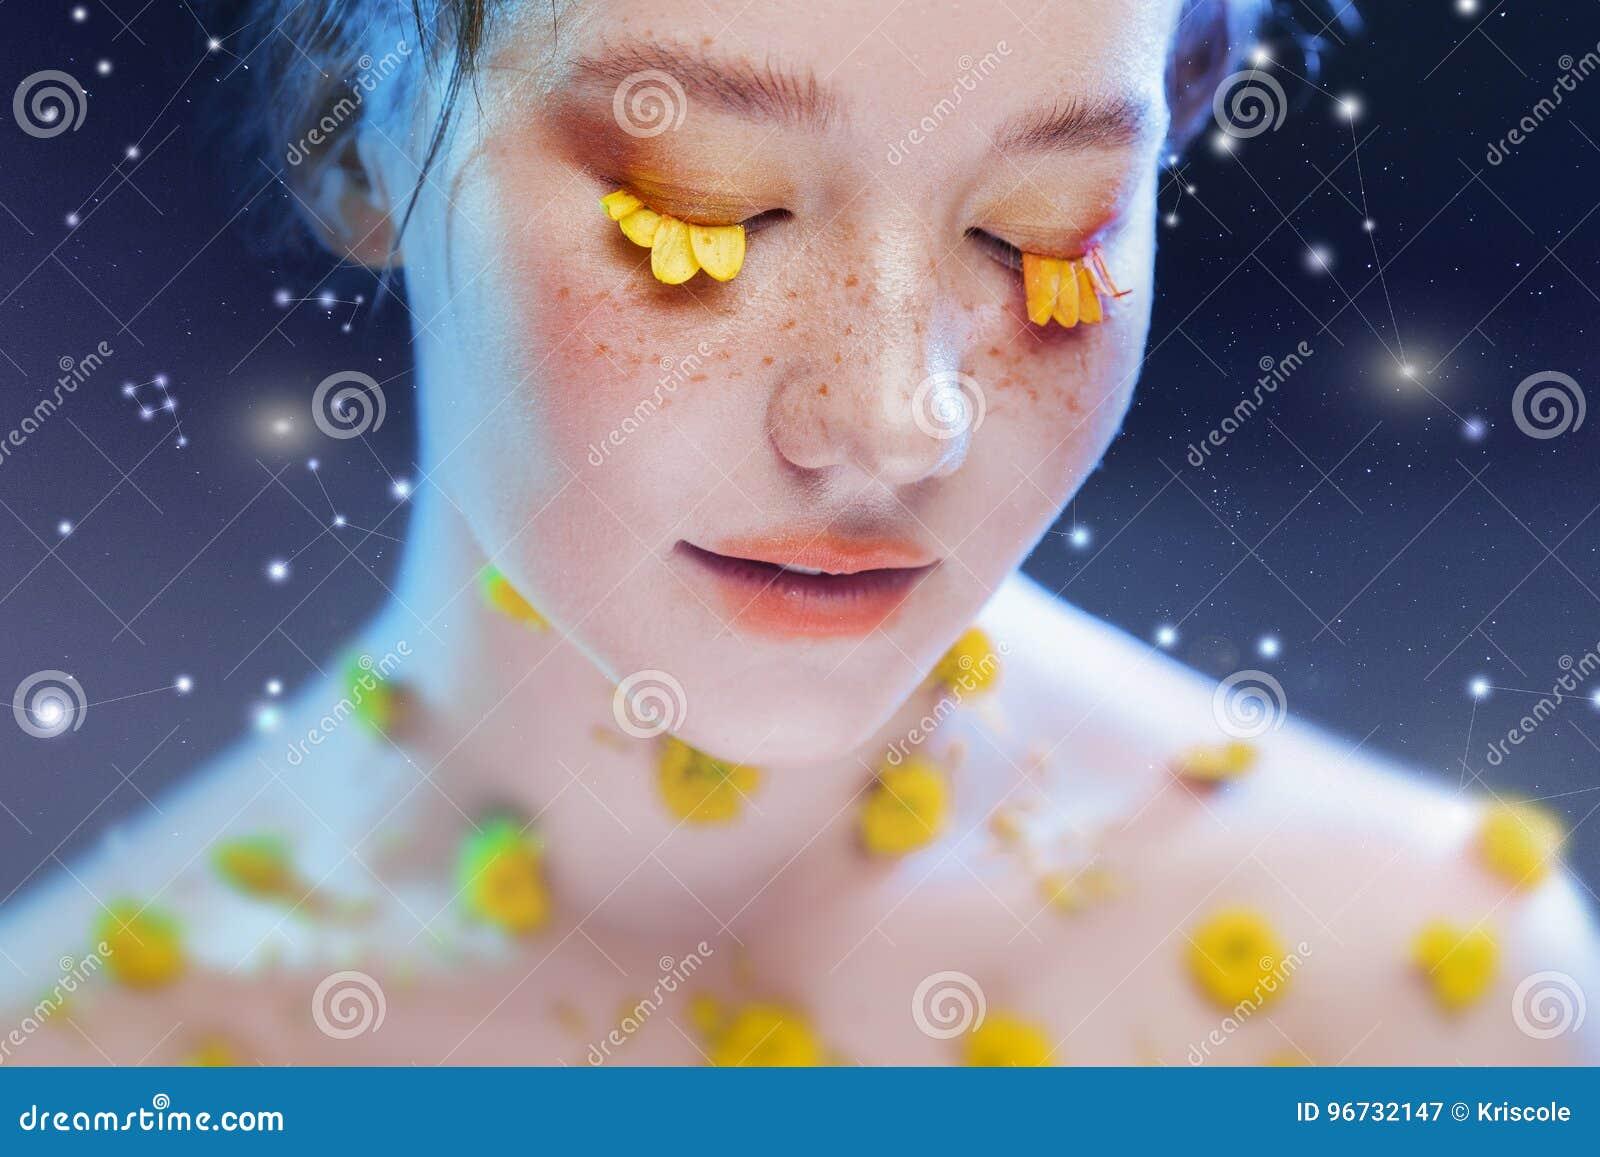 Schönes junges Mädchen im Bild der Flora, Nahaufnahmeporträt Fabelhaftes Porträt auf einem sternenklaren Hintergrund